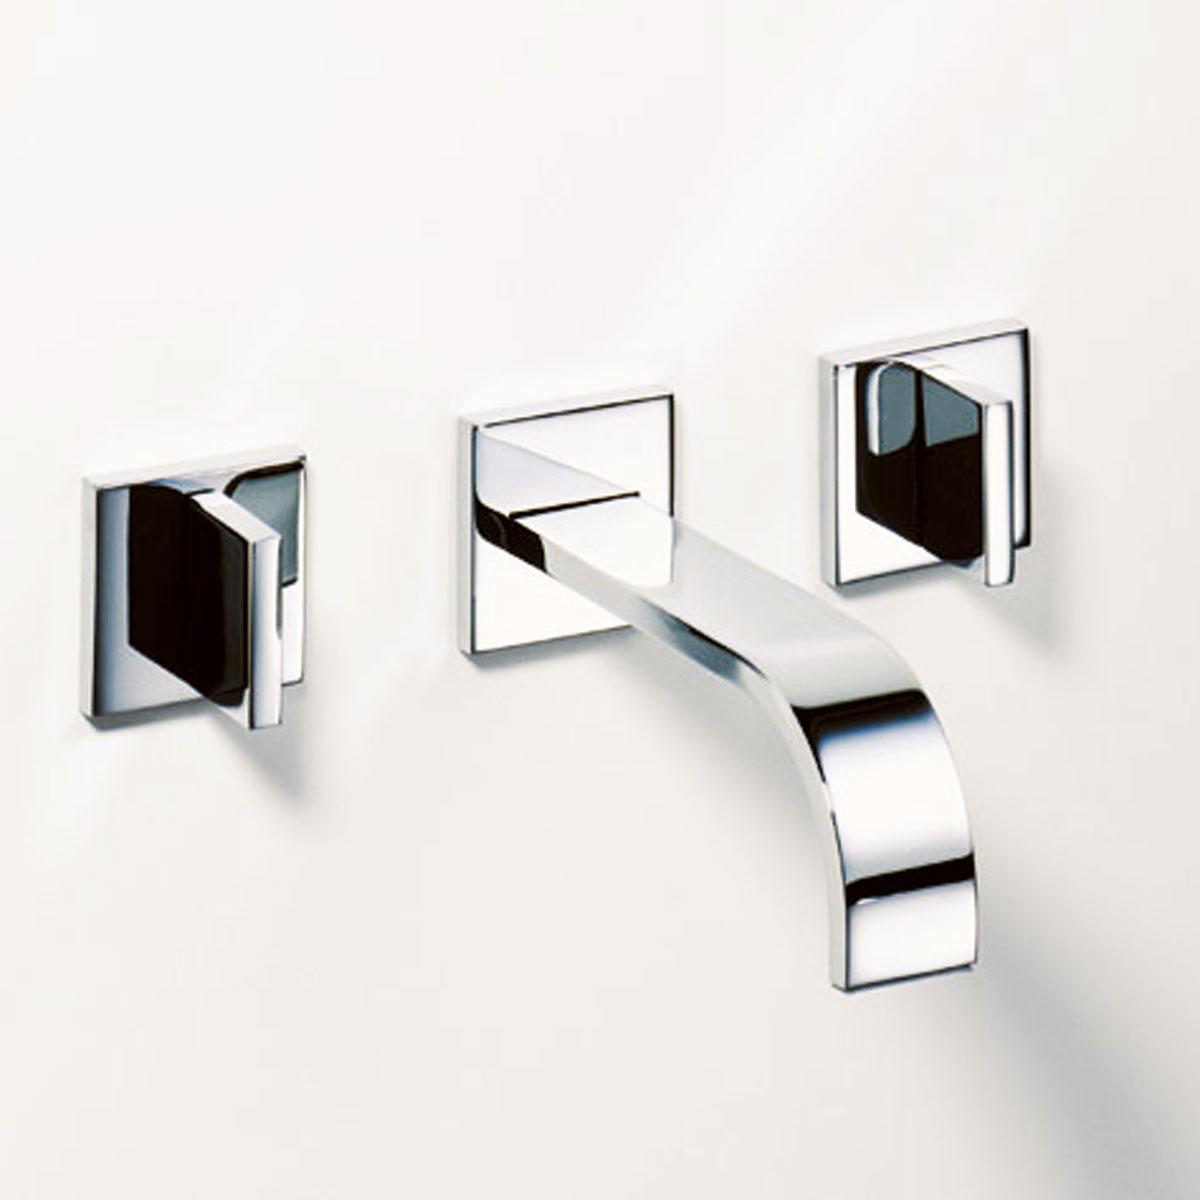 『カード対応OK!』###リラインス 洗面用水栓【36.712.782.00+35.707.970.90(埋込部)】壁埋込型2バルブ洗面用混合栓(200mm) エアレーター付 ドンブラハ メム 受注約2ヶ月